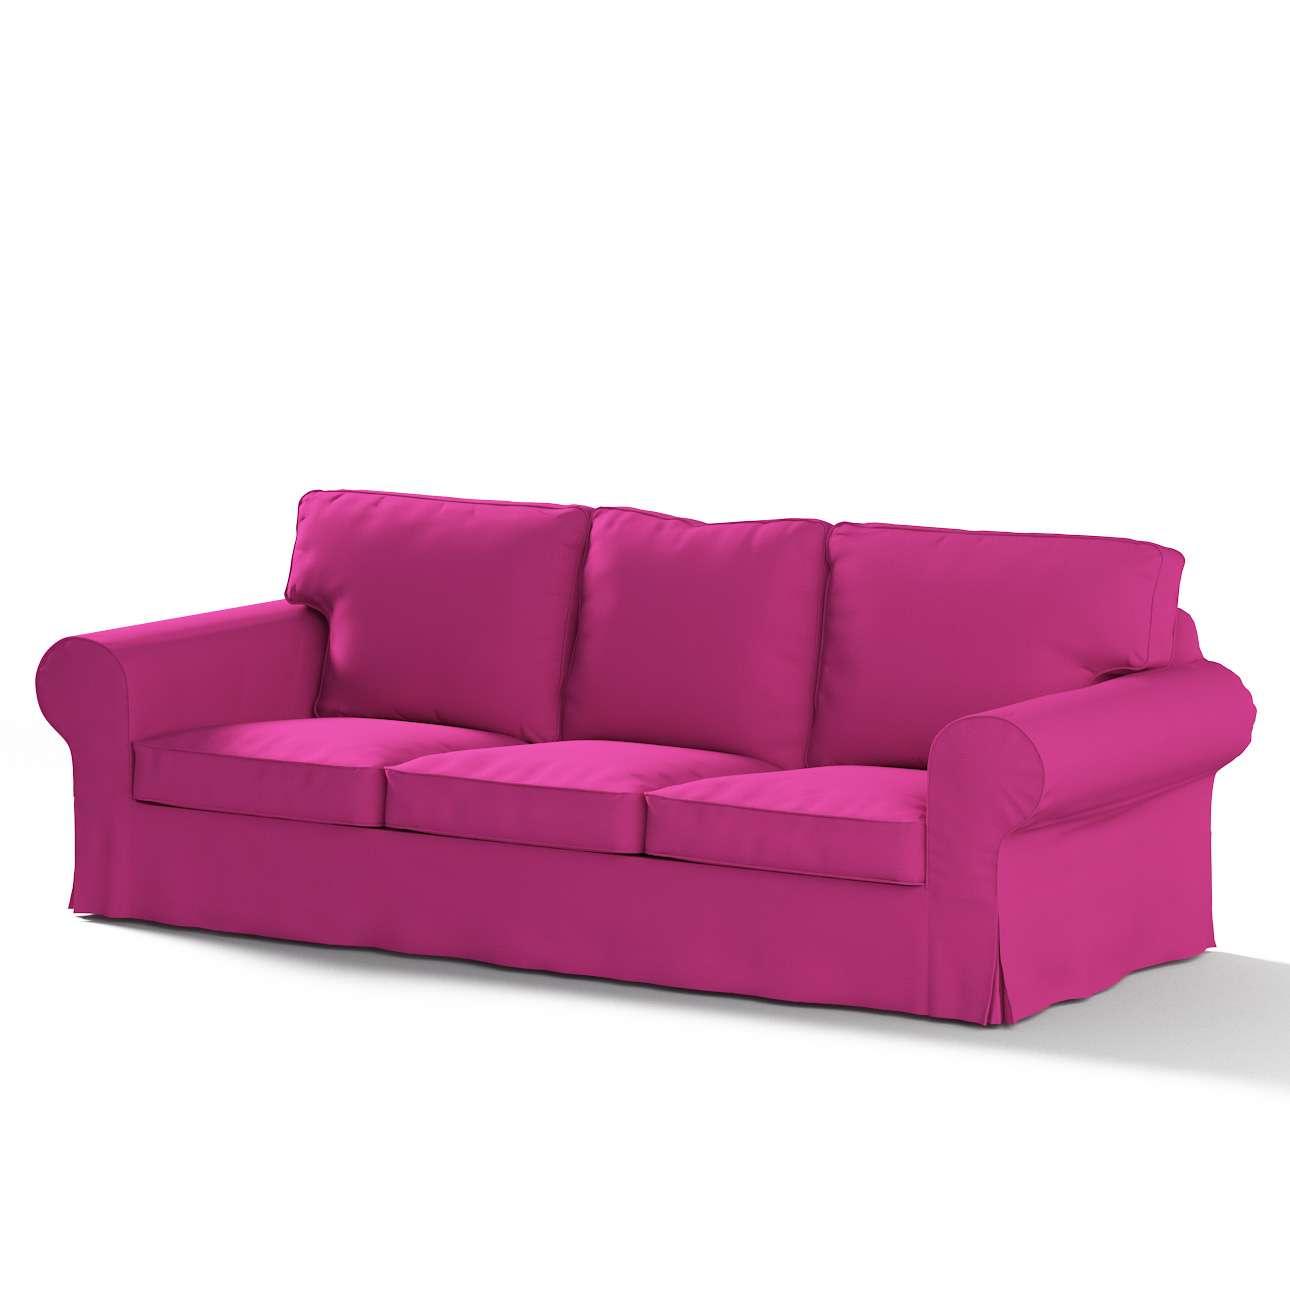 Ektorp trivietės sofos užvalkalas Ektorp trivietės sofos užvalkalas kolekcijoje Etna , audinys: 705-23